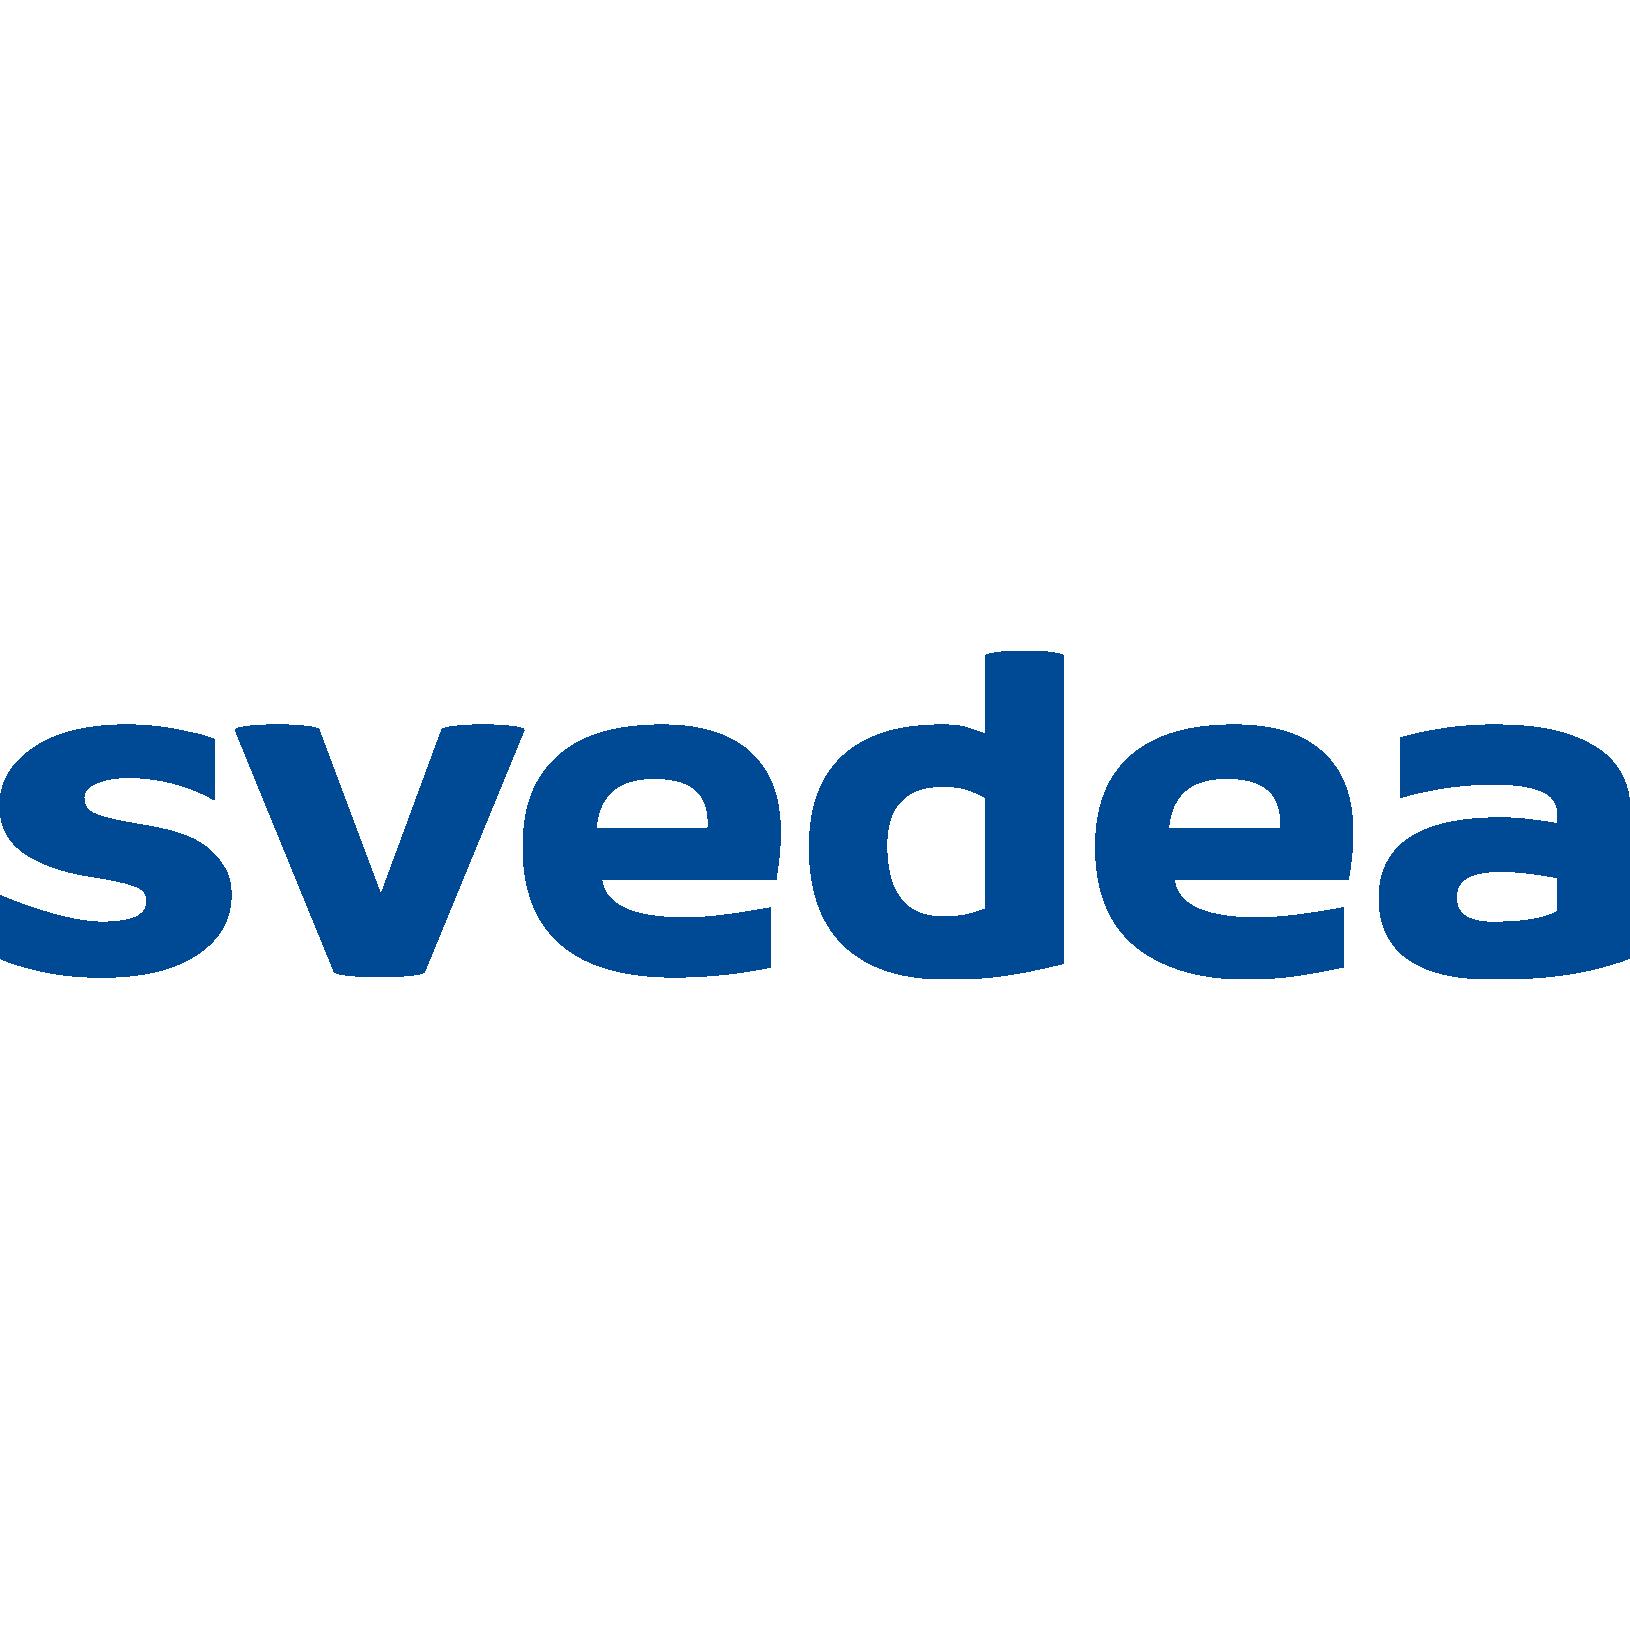 Svedea_logo_rgb_square.png